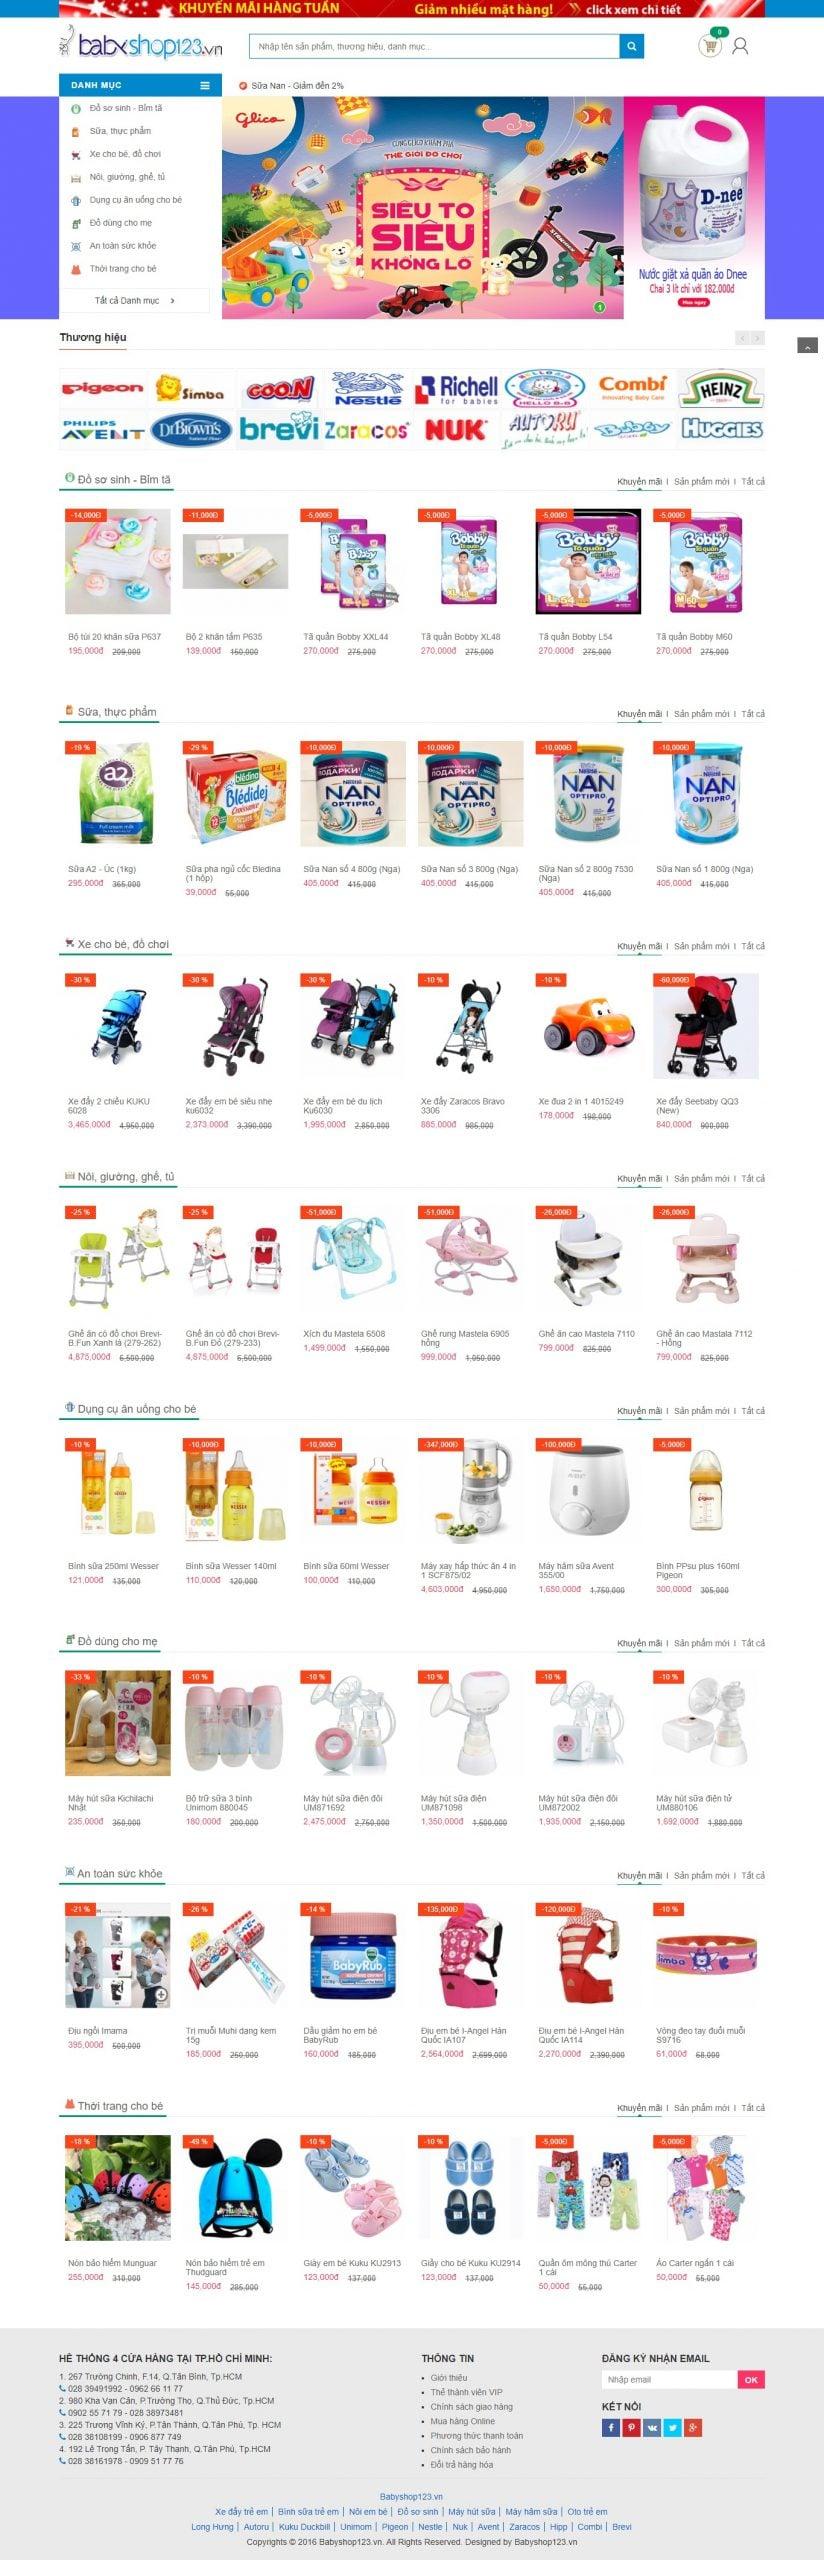 Mẫu thiết kế website bán hàng Babyshop123.vn – Hệ thống siêu thị Mẹ & Bé-www.babyshop123.vn